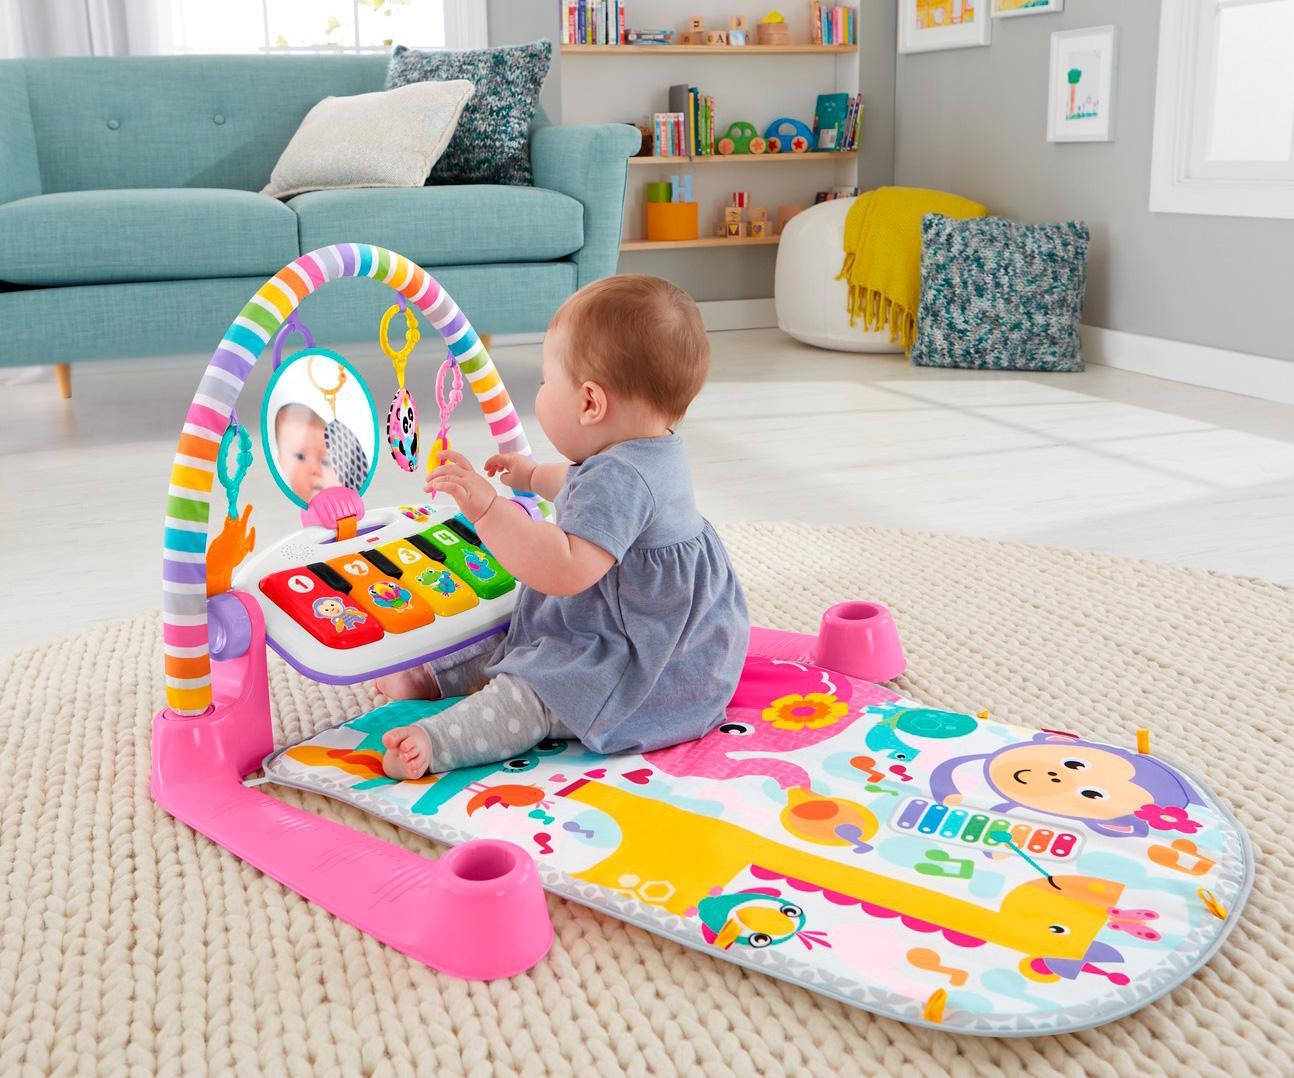 Fisher Price Play Mat   Baby Activity Mat   eBay